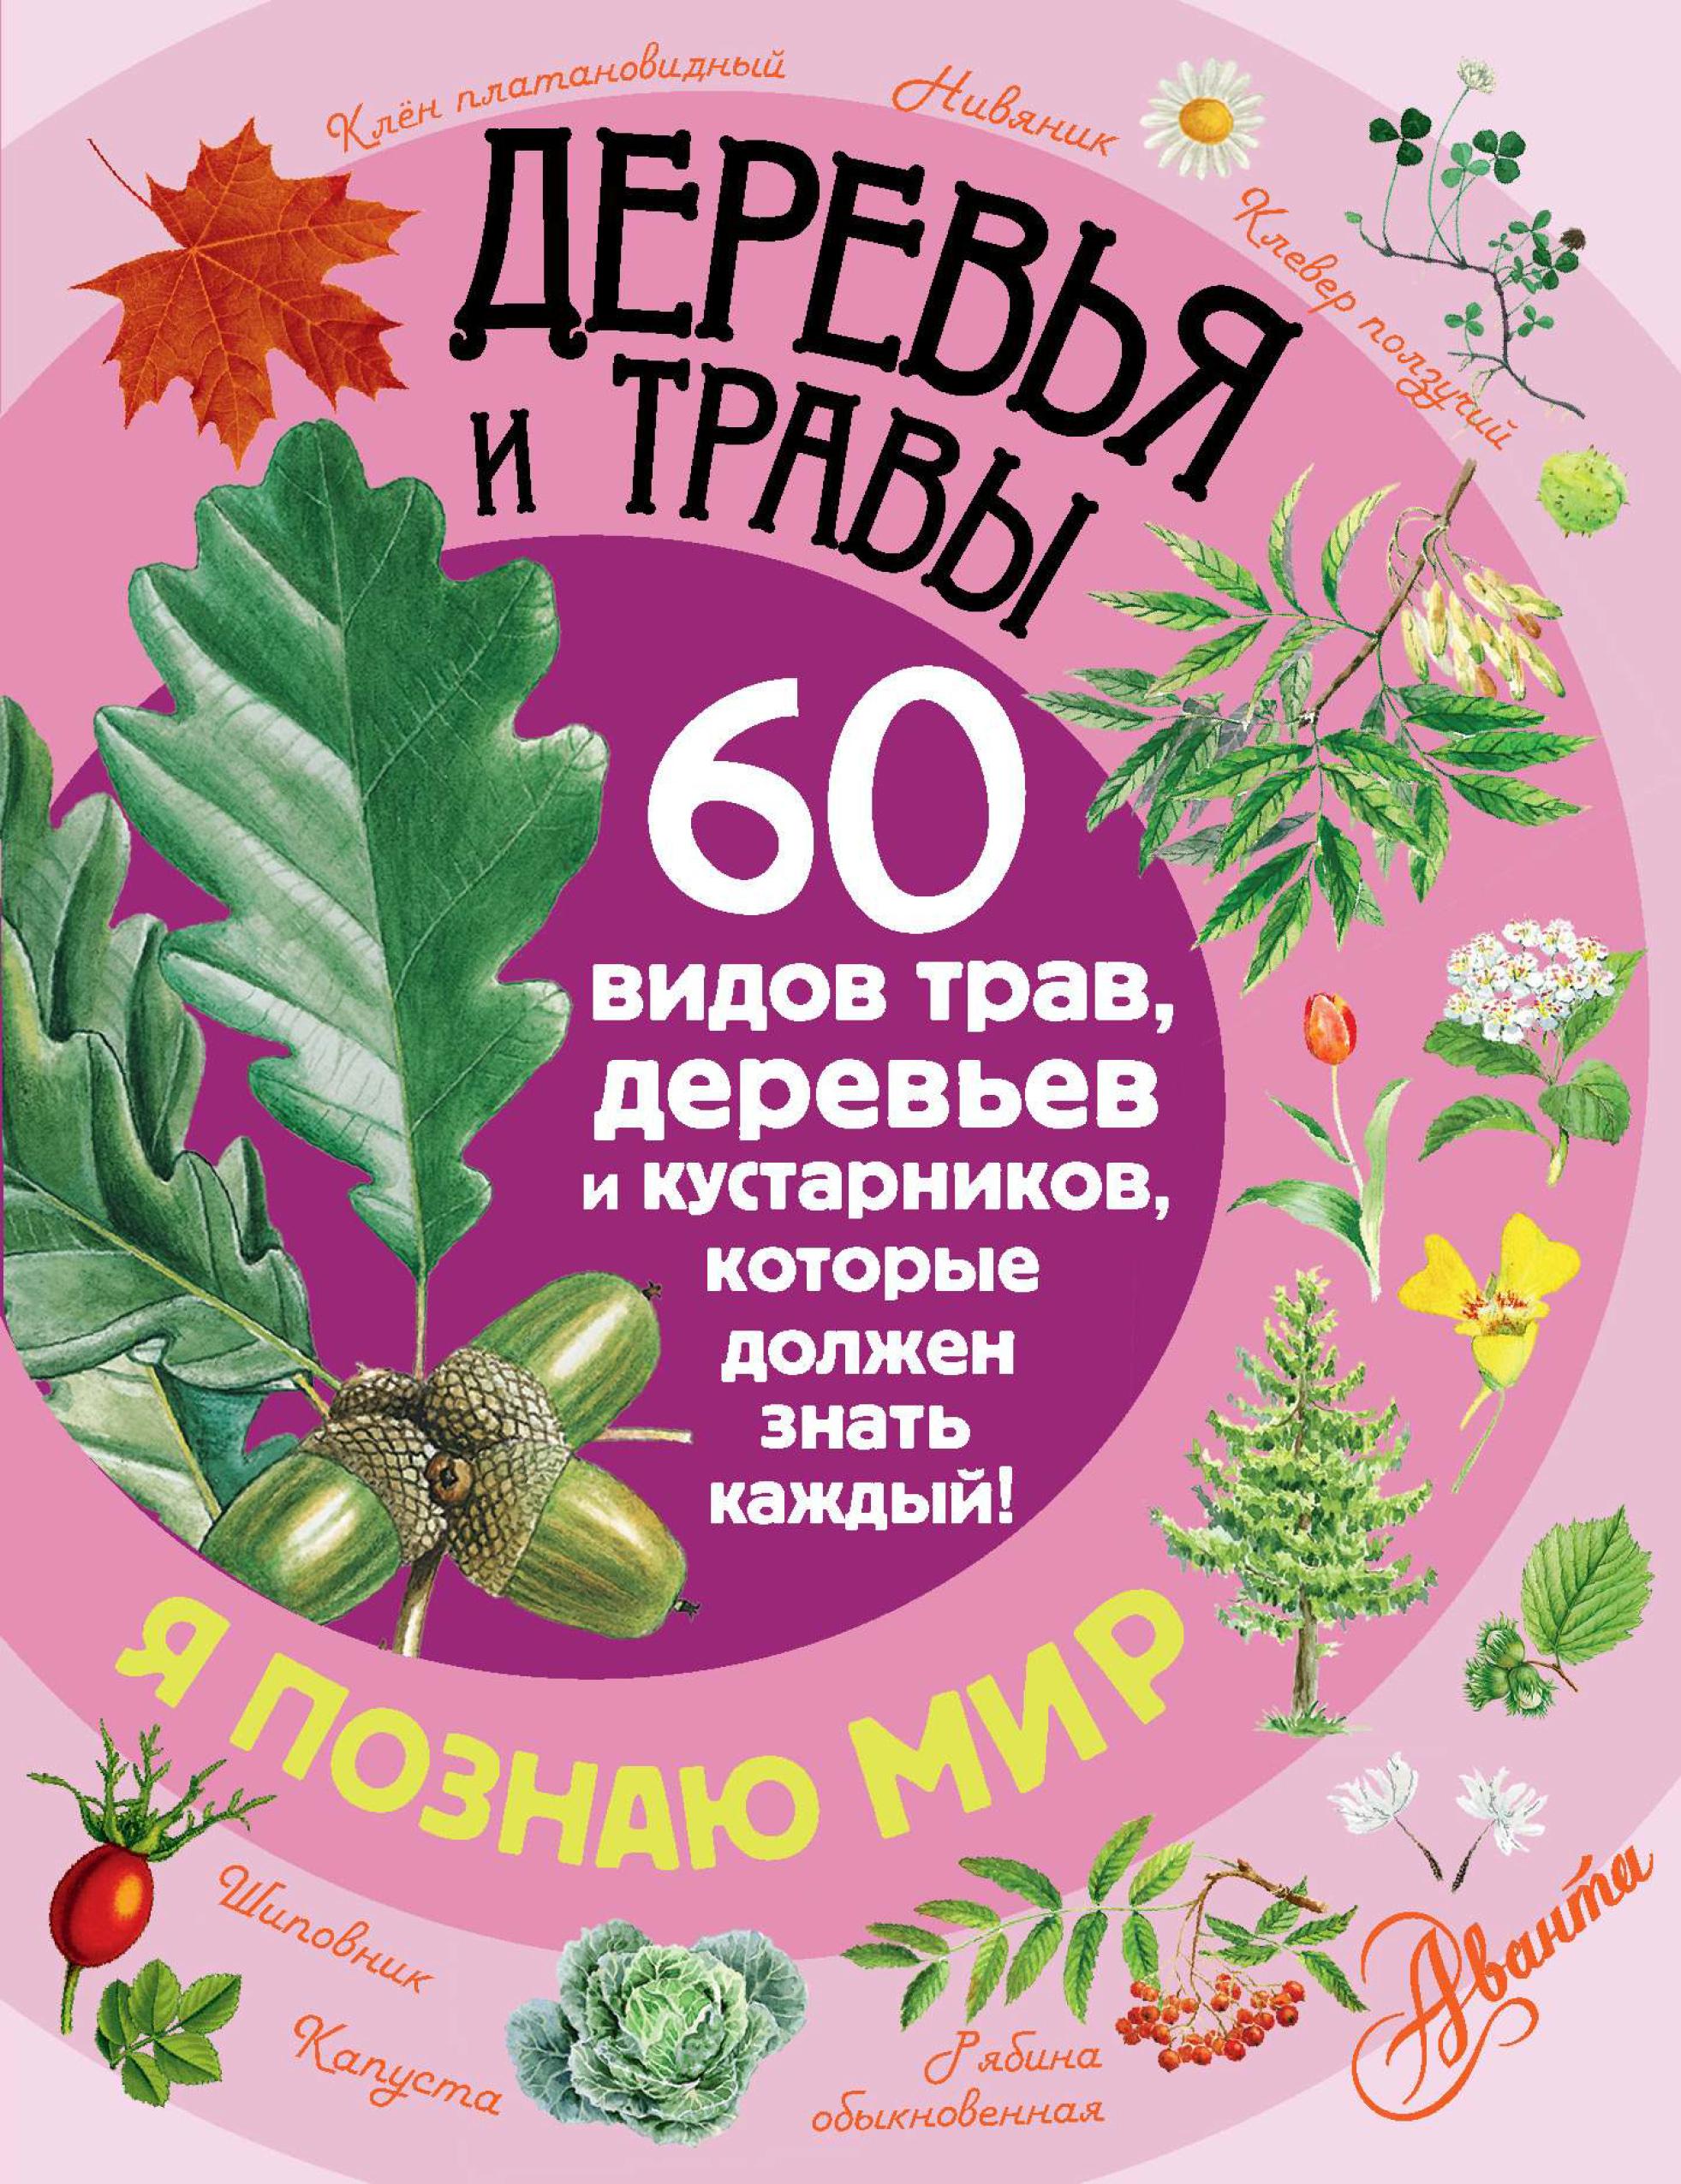 П. М. Волцит Деревья и травы. 60 видов трав, деревьев и кустарников, которые должен знать каждый п м волцит почему деревья качаются